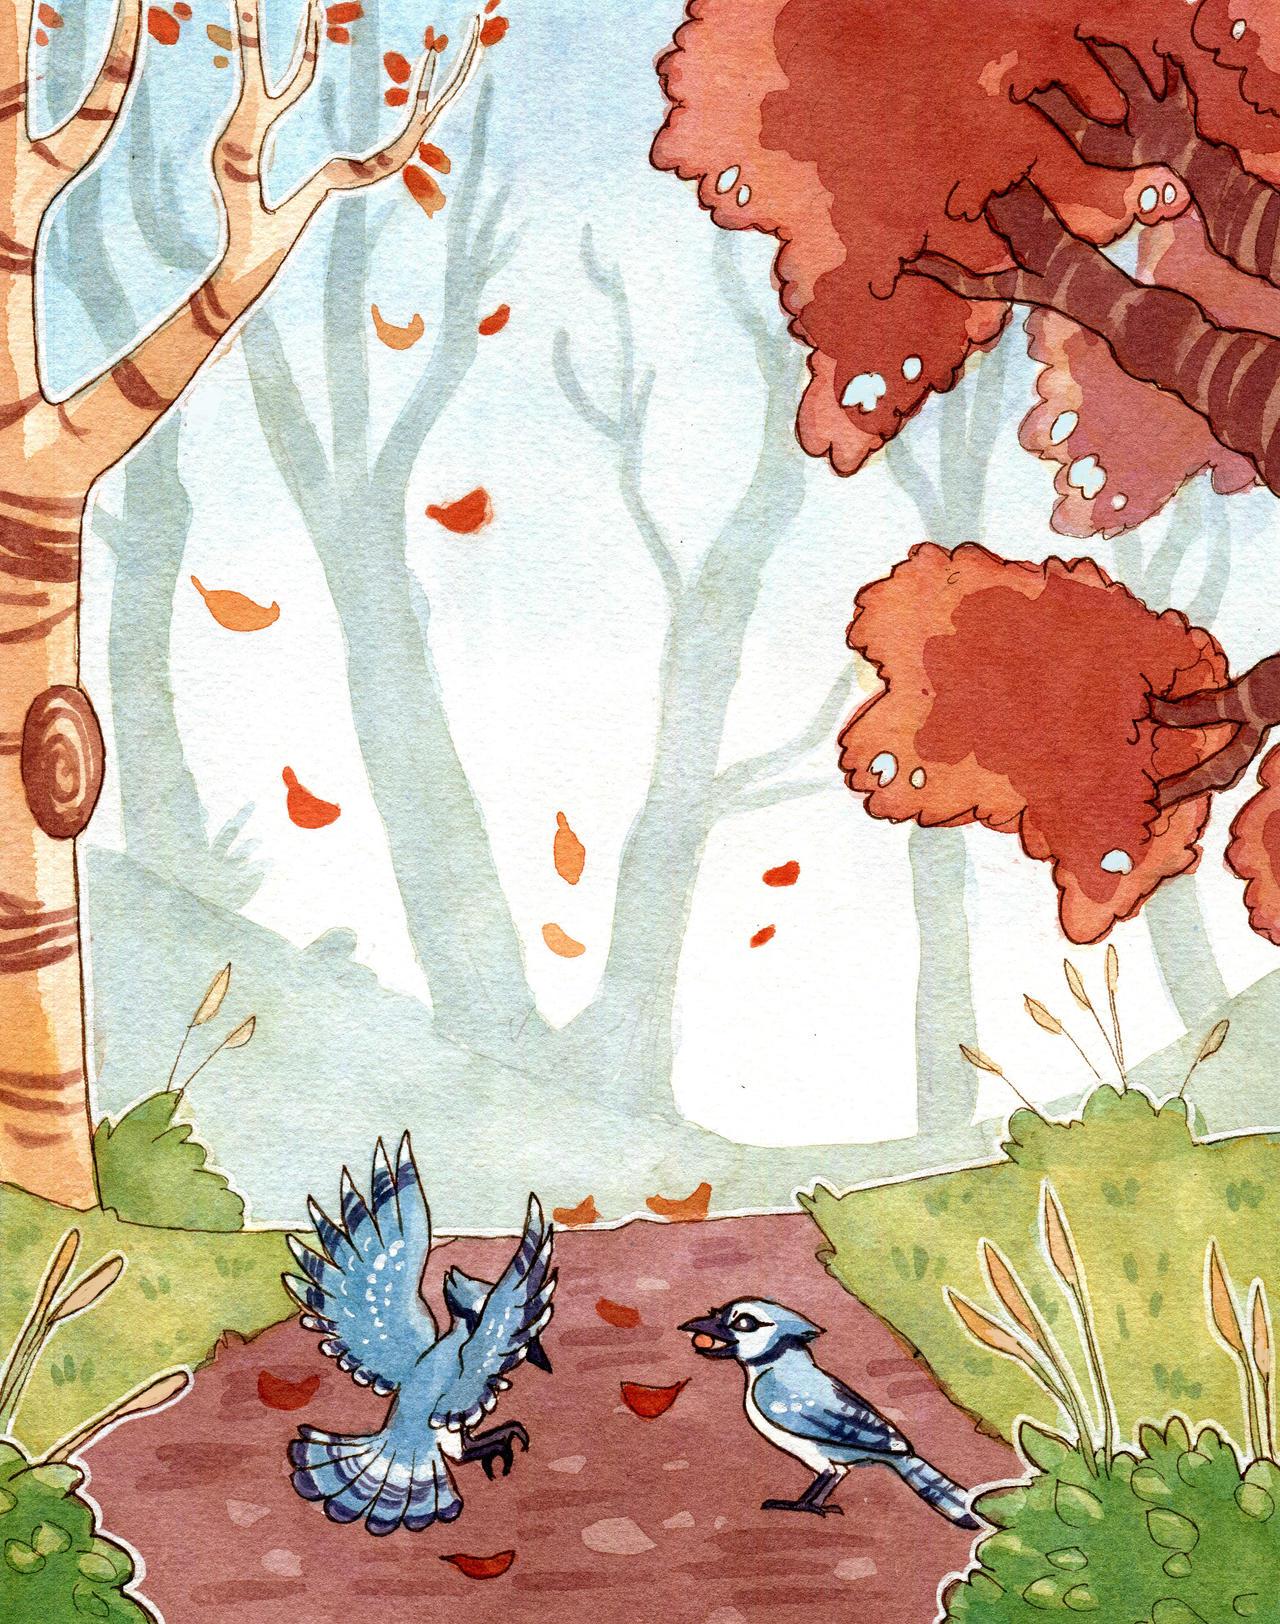 Fall by owlburrow